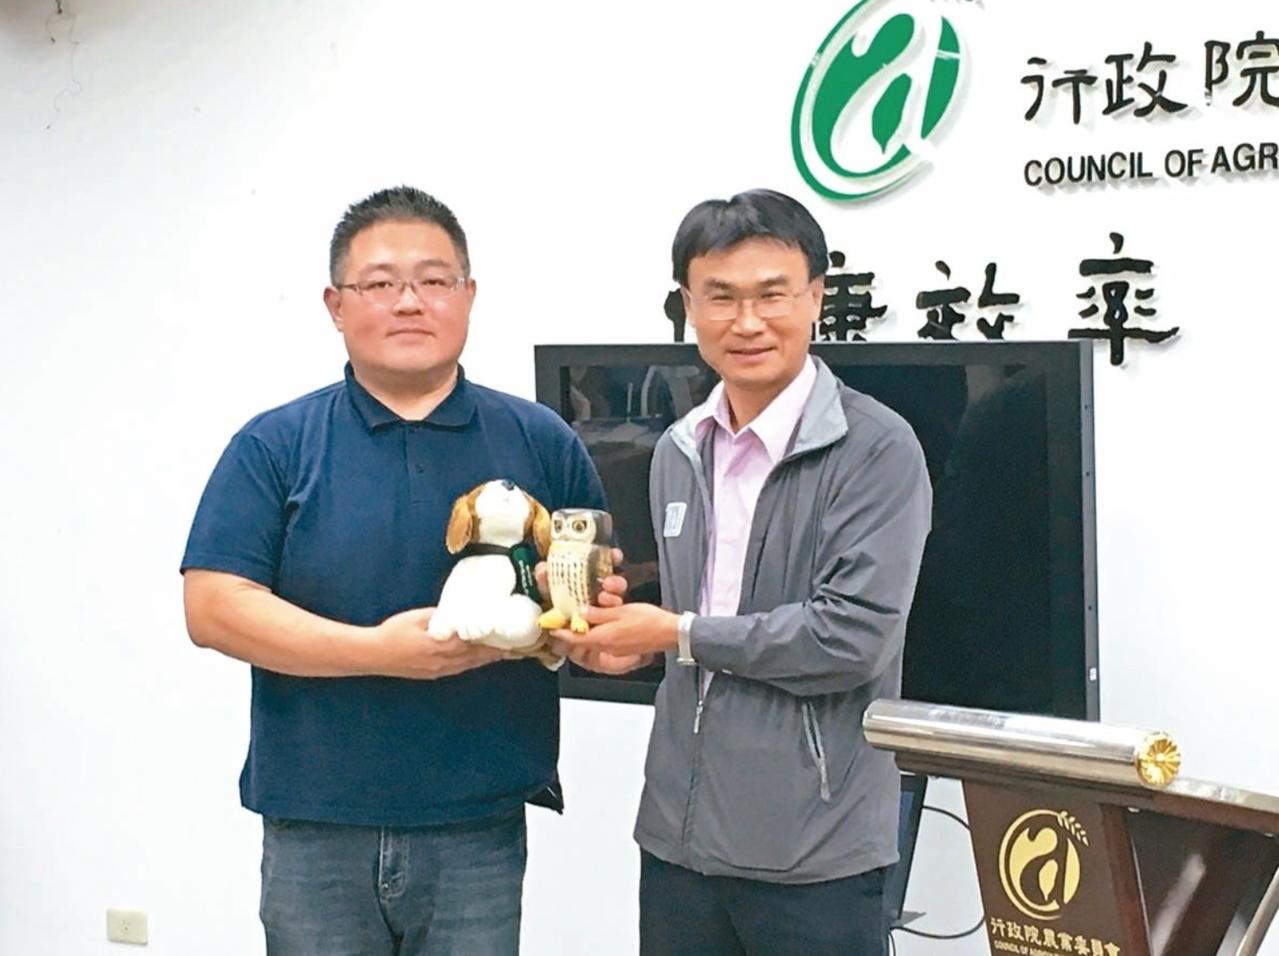 農委會主委陳吉仲(右)昨致贈禮物感謝首位發現秋行軍蟲的張先生。 記者吳姿賢/攝影